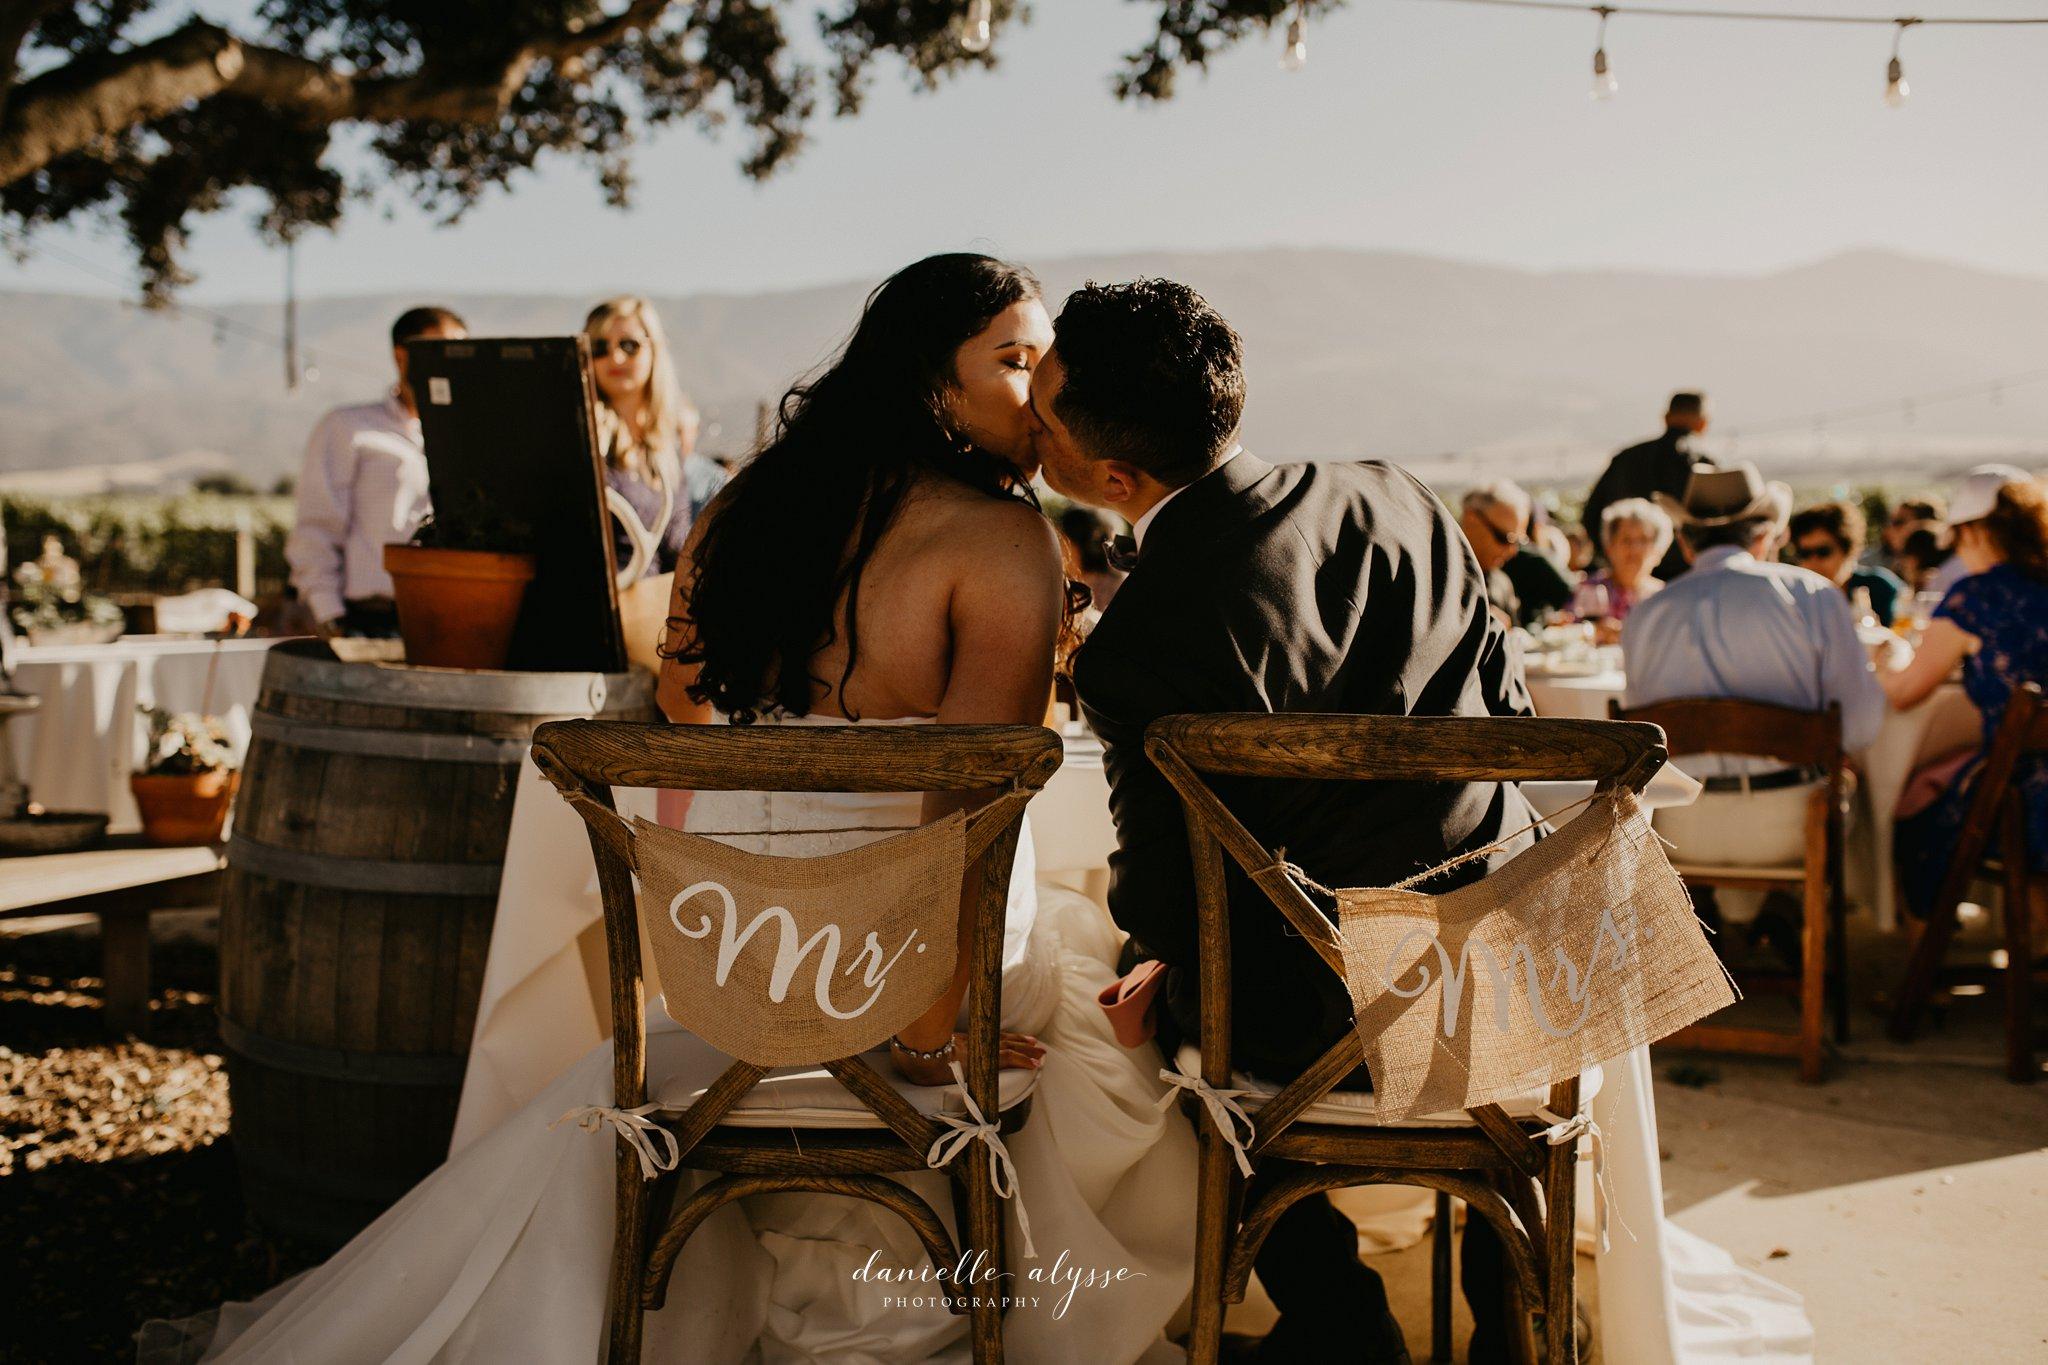 180630_wedding_lily_ryan_mission_soledad_california_danielle_alysse_photography_blog_836_WEB.jpg